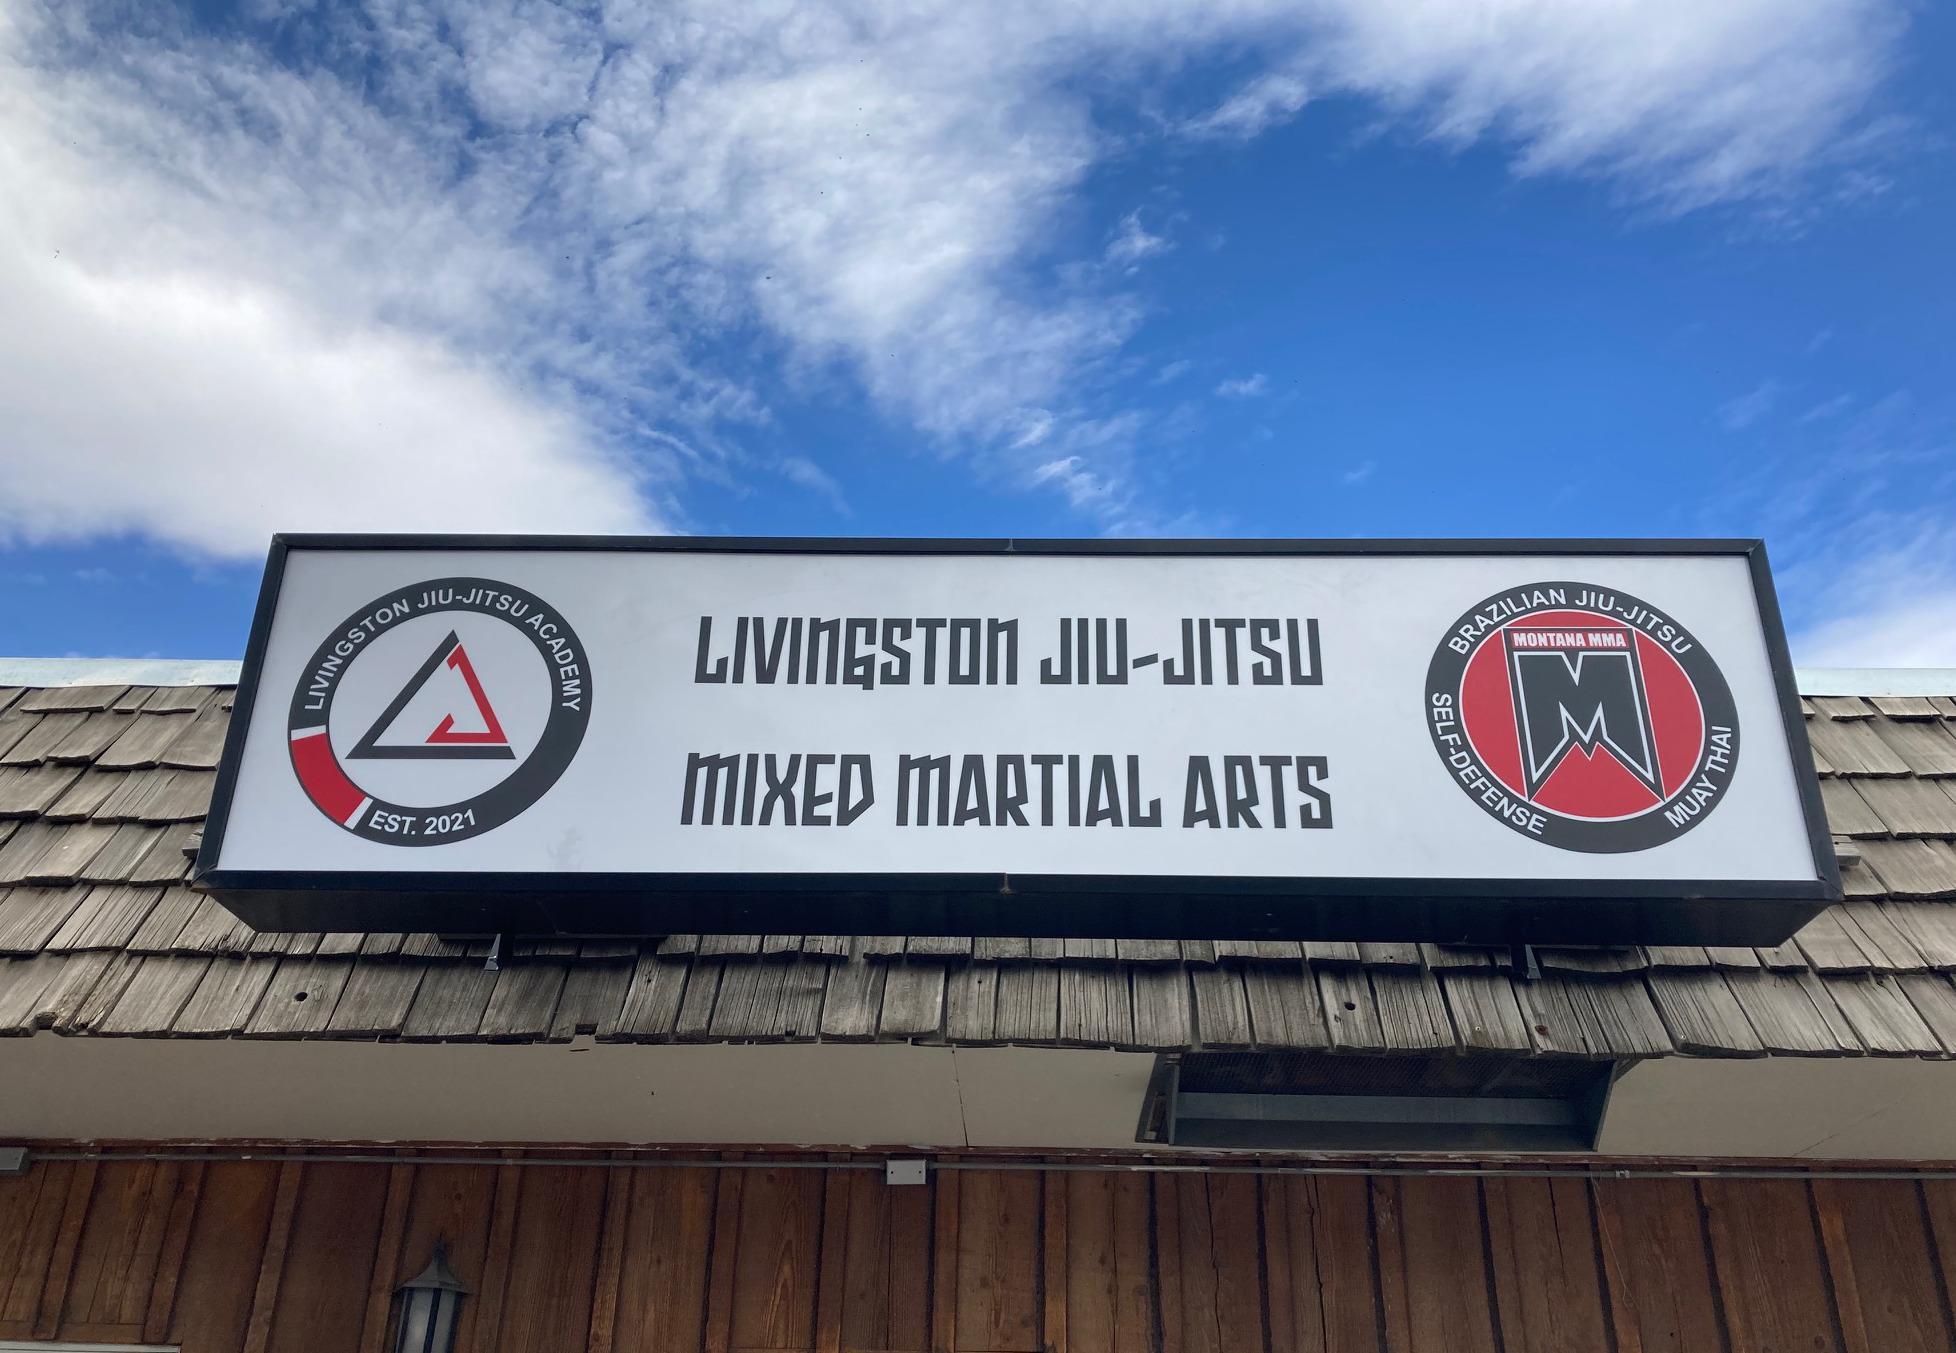 Livingston Jiu-Jitsu